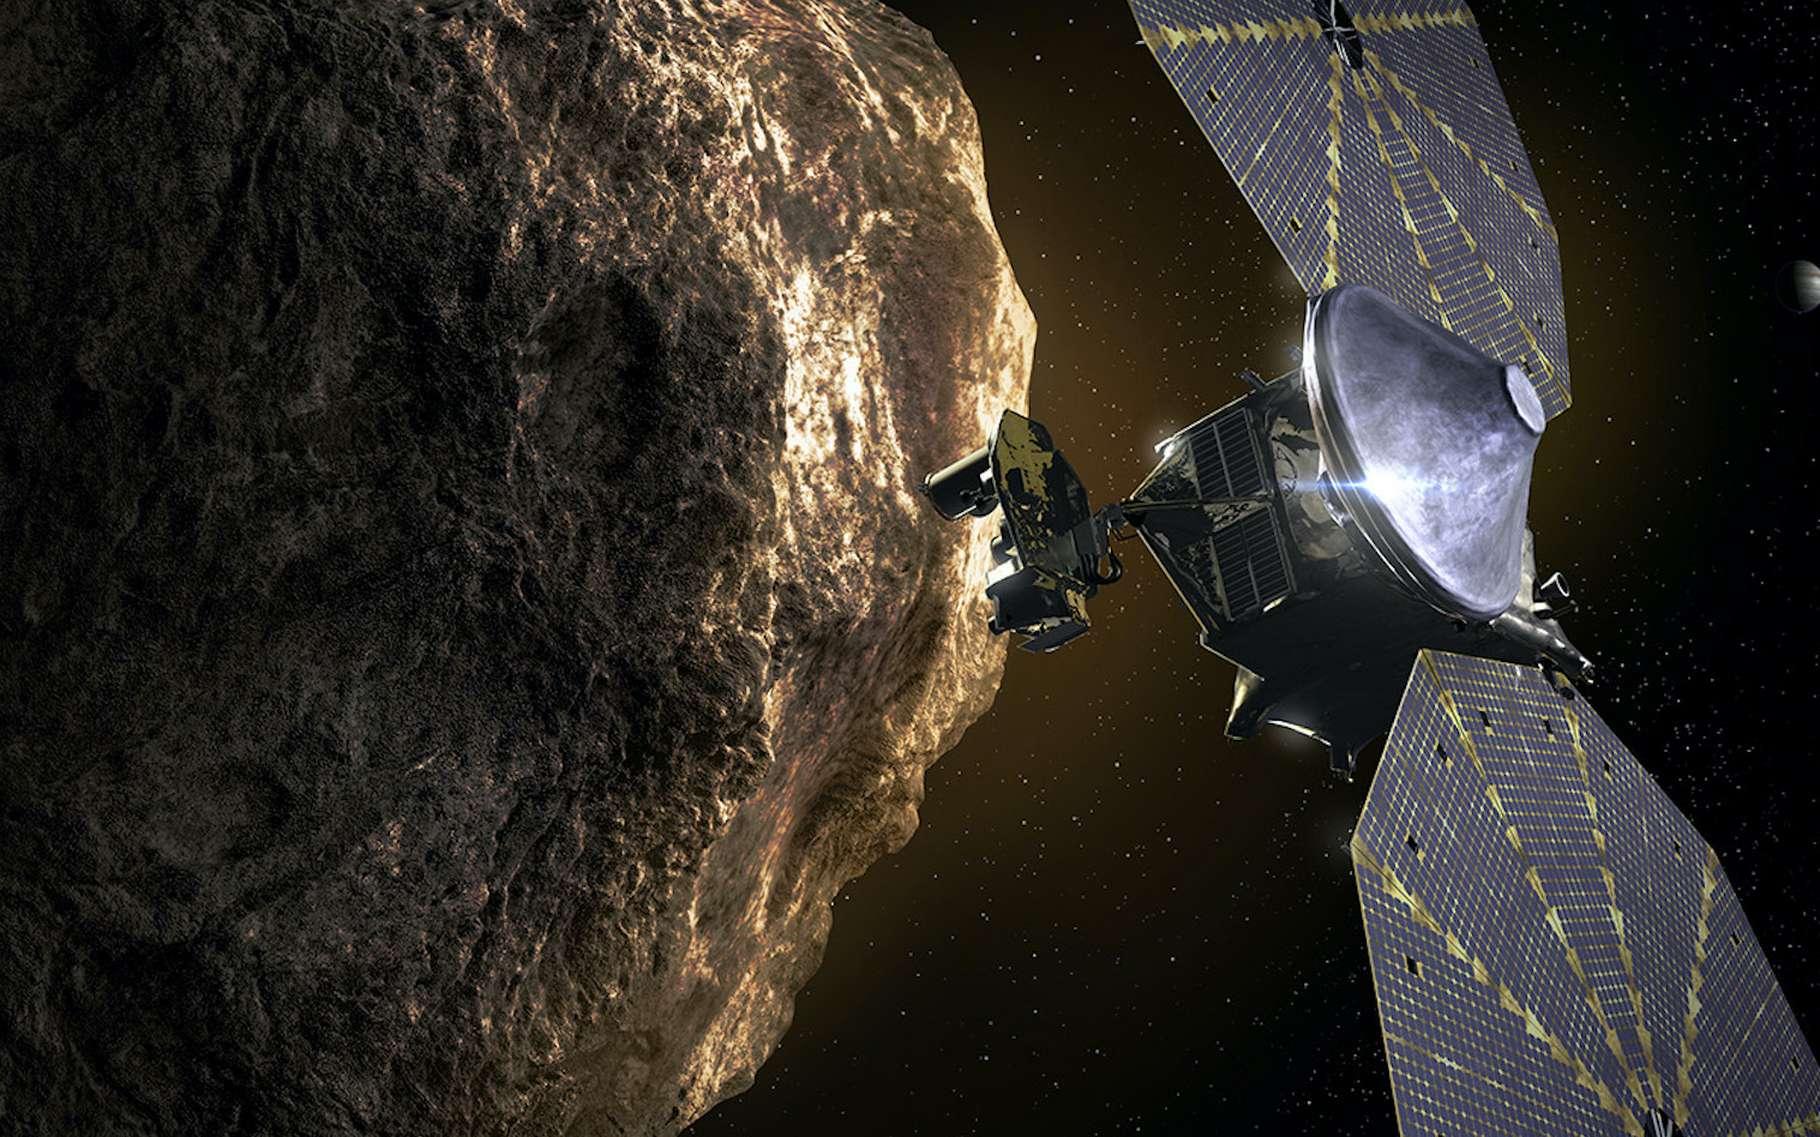 Lucy sera la première mission dédiée à l'exploration des astéroïdes troyens. Et en 2027, elle survolera Eurybates, un astéroïde autour duquel orbite une petite lune. © Nasa